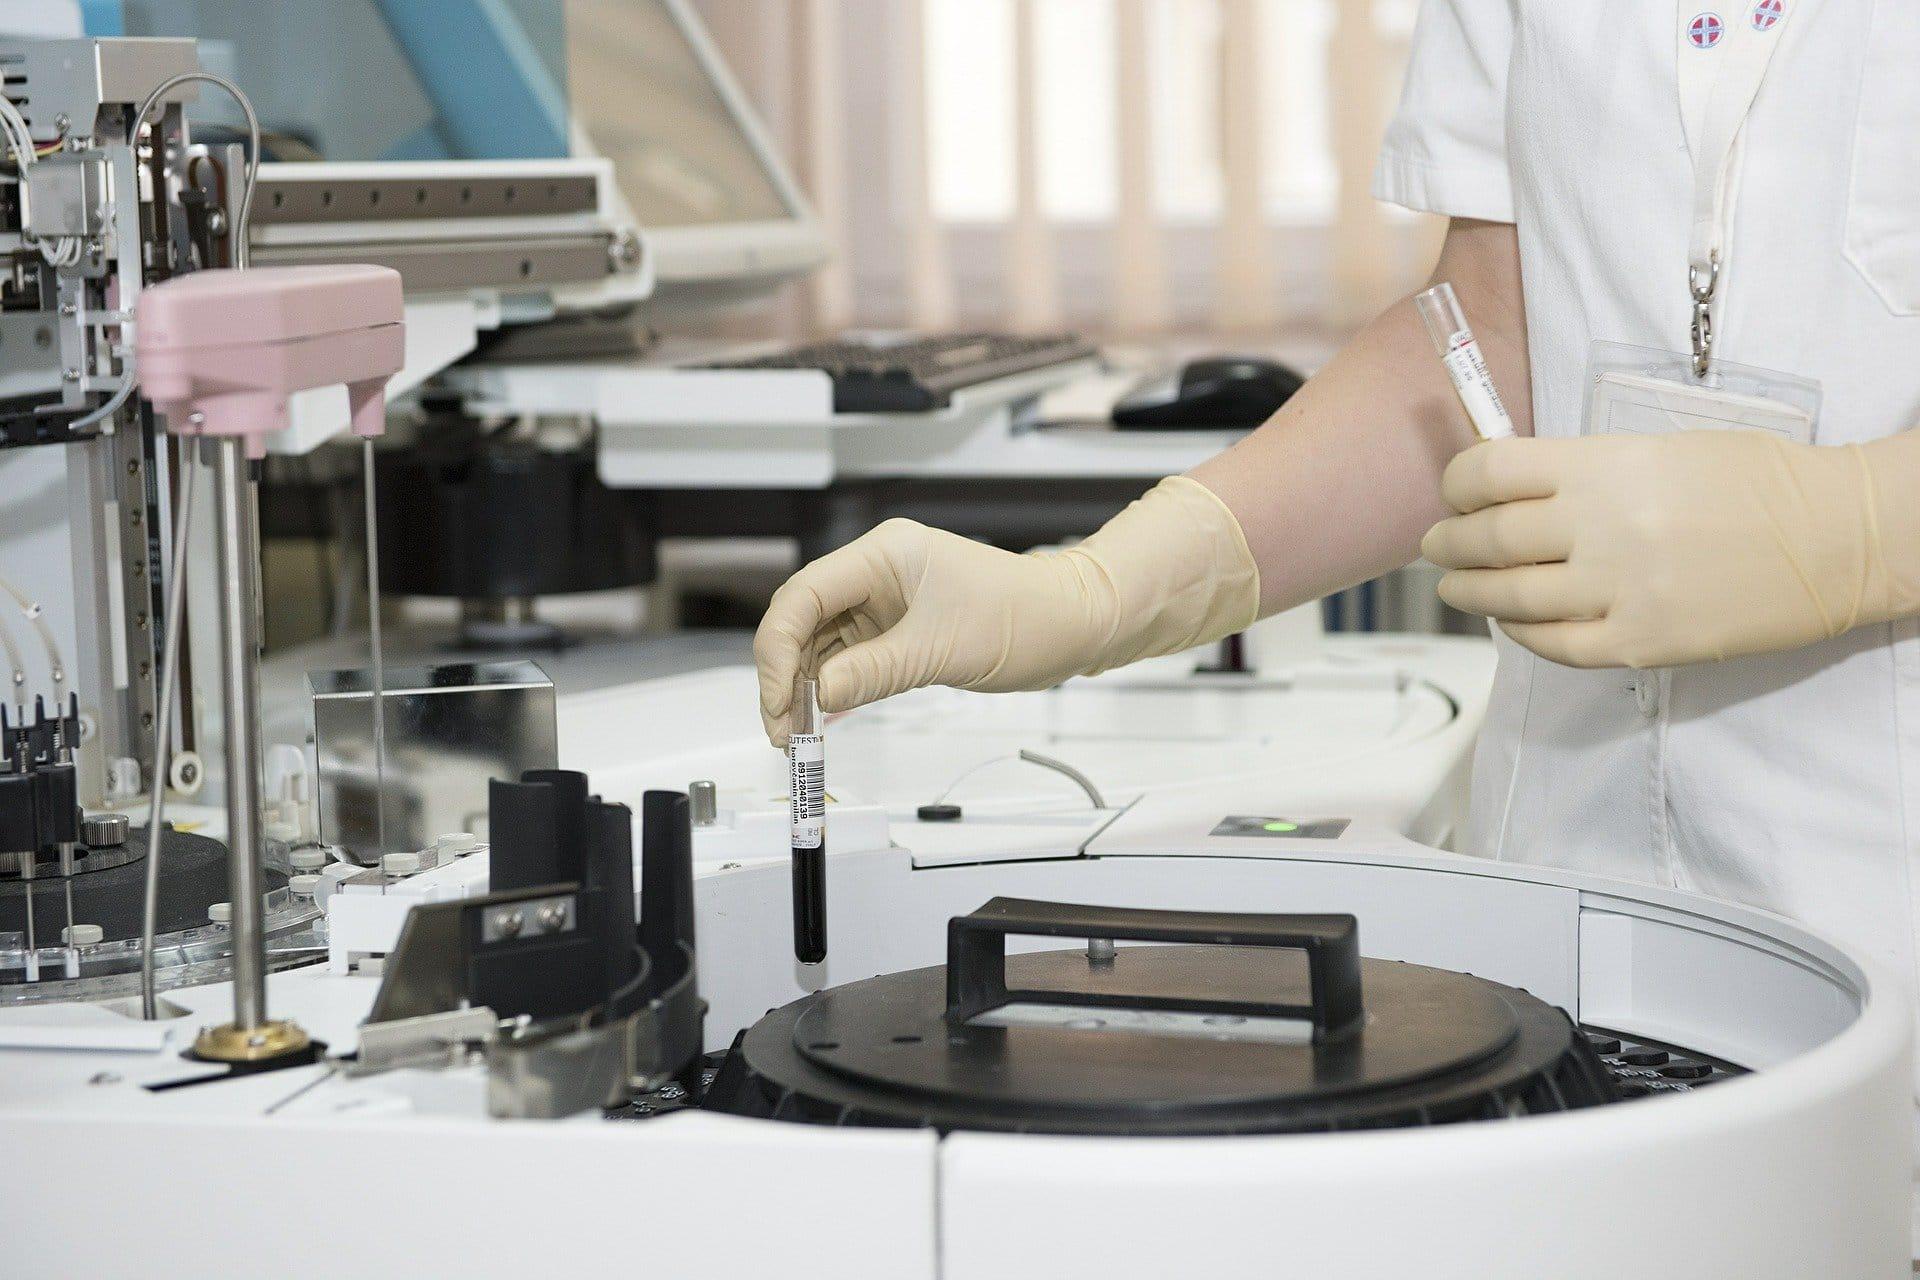 Laboratorios de investigación médica_biológica y CPDs